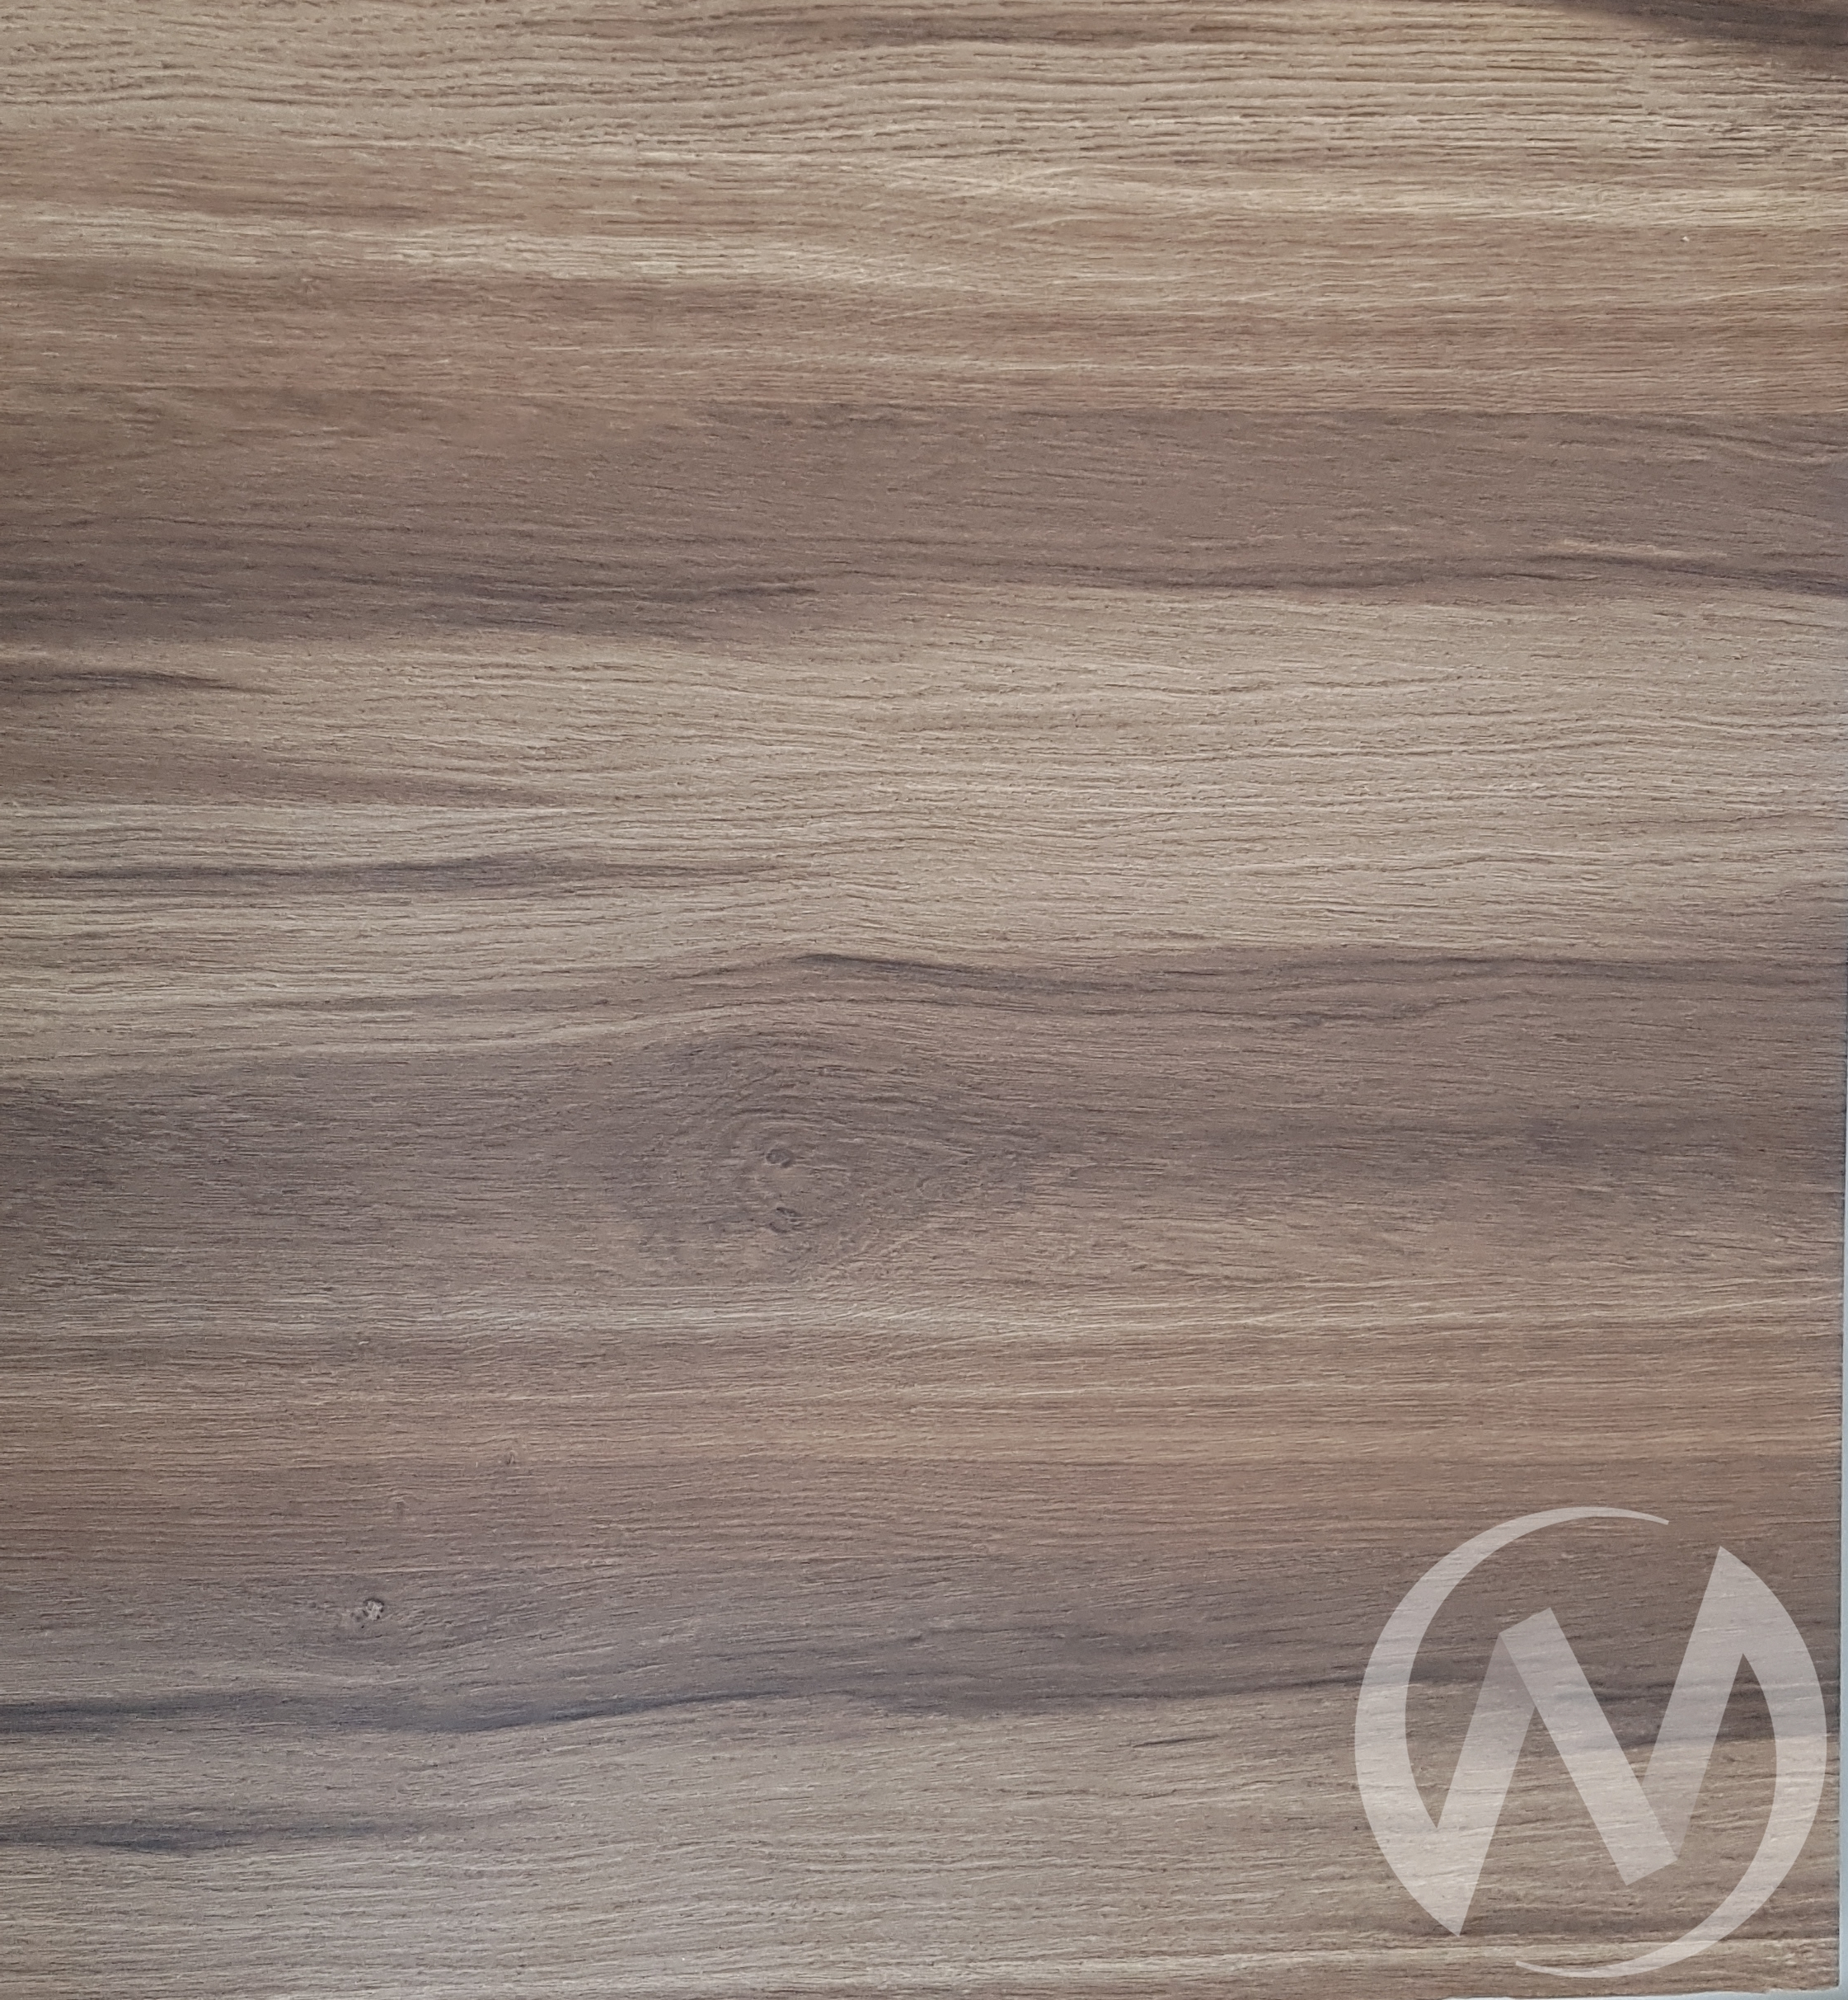 Кромка для столешницы с/к 3000*32мм (№ 97П дуб мелвилл) в заводской упаковке  в Новосибирске - интернет магазин Мебельный Проспект